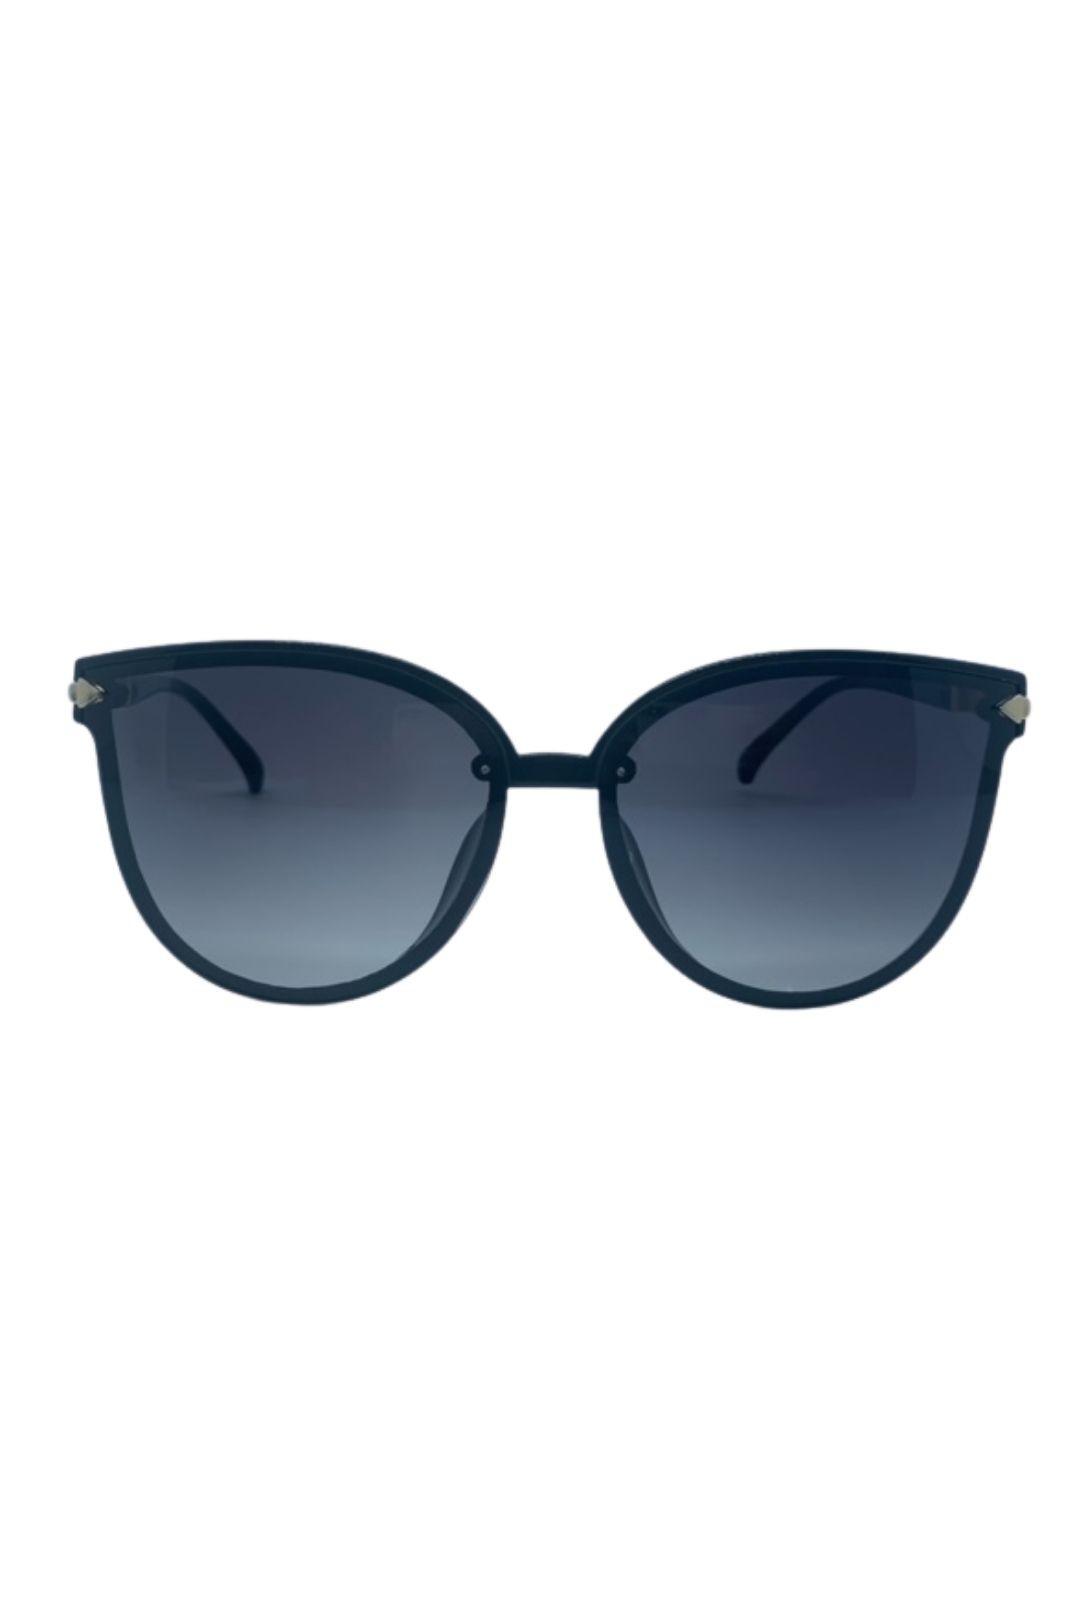 Óculos Morumbi Preto